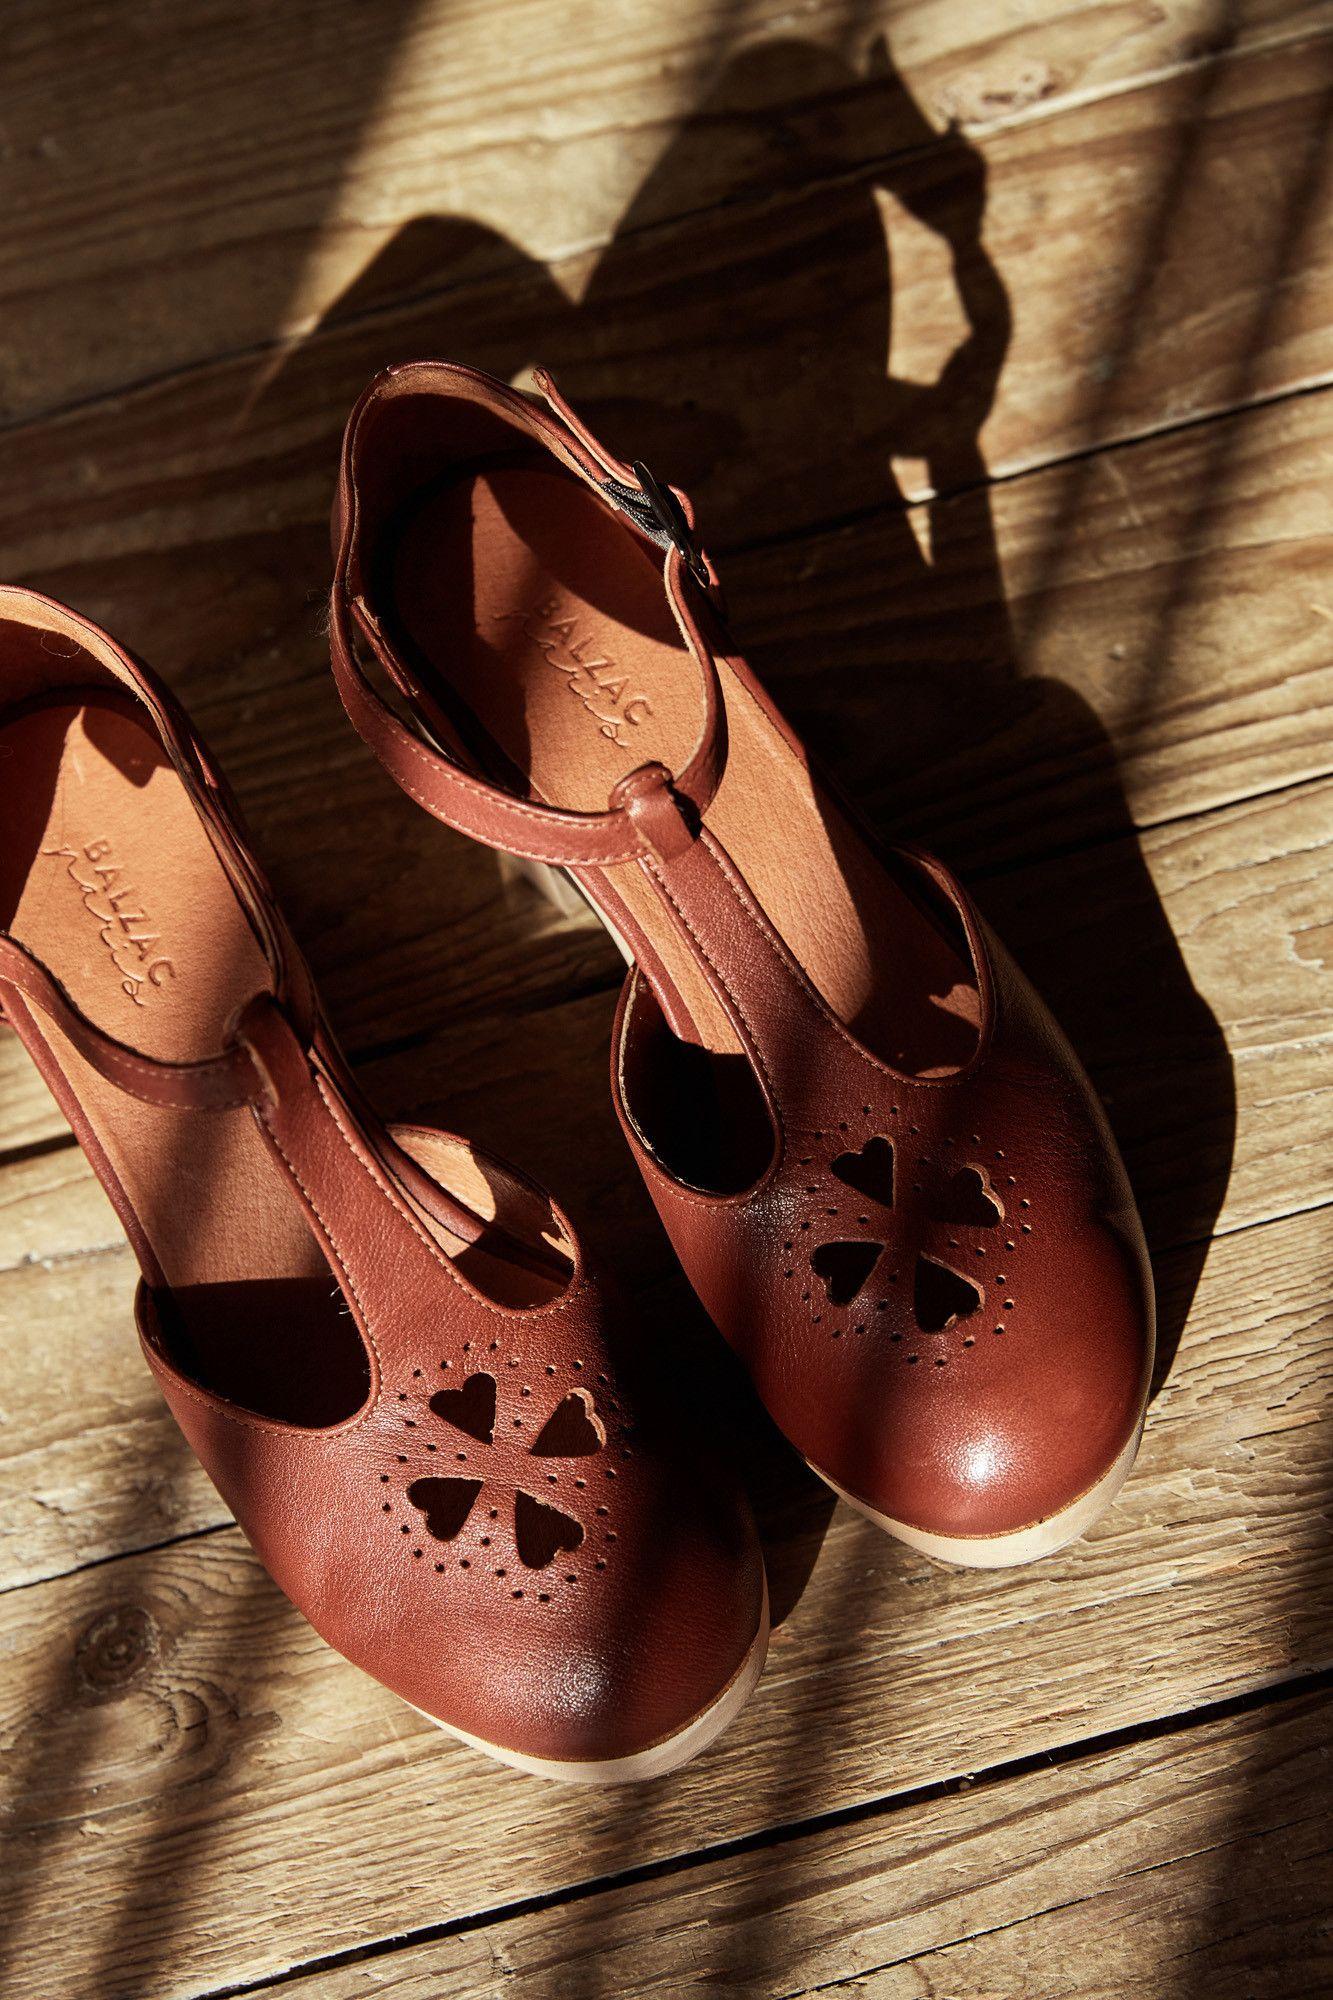 Myrtille Balzac Terracotta Chaussure Sabots ParisChaussures SzpqVGUM